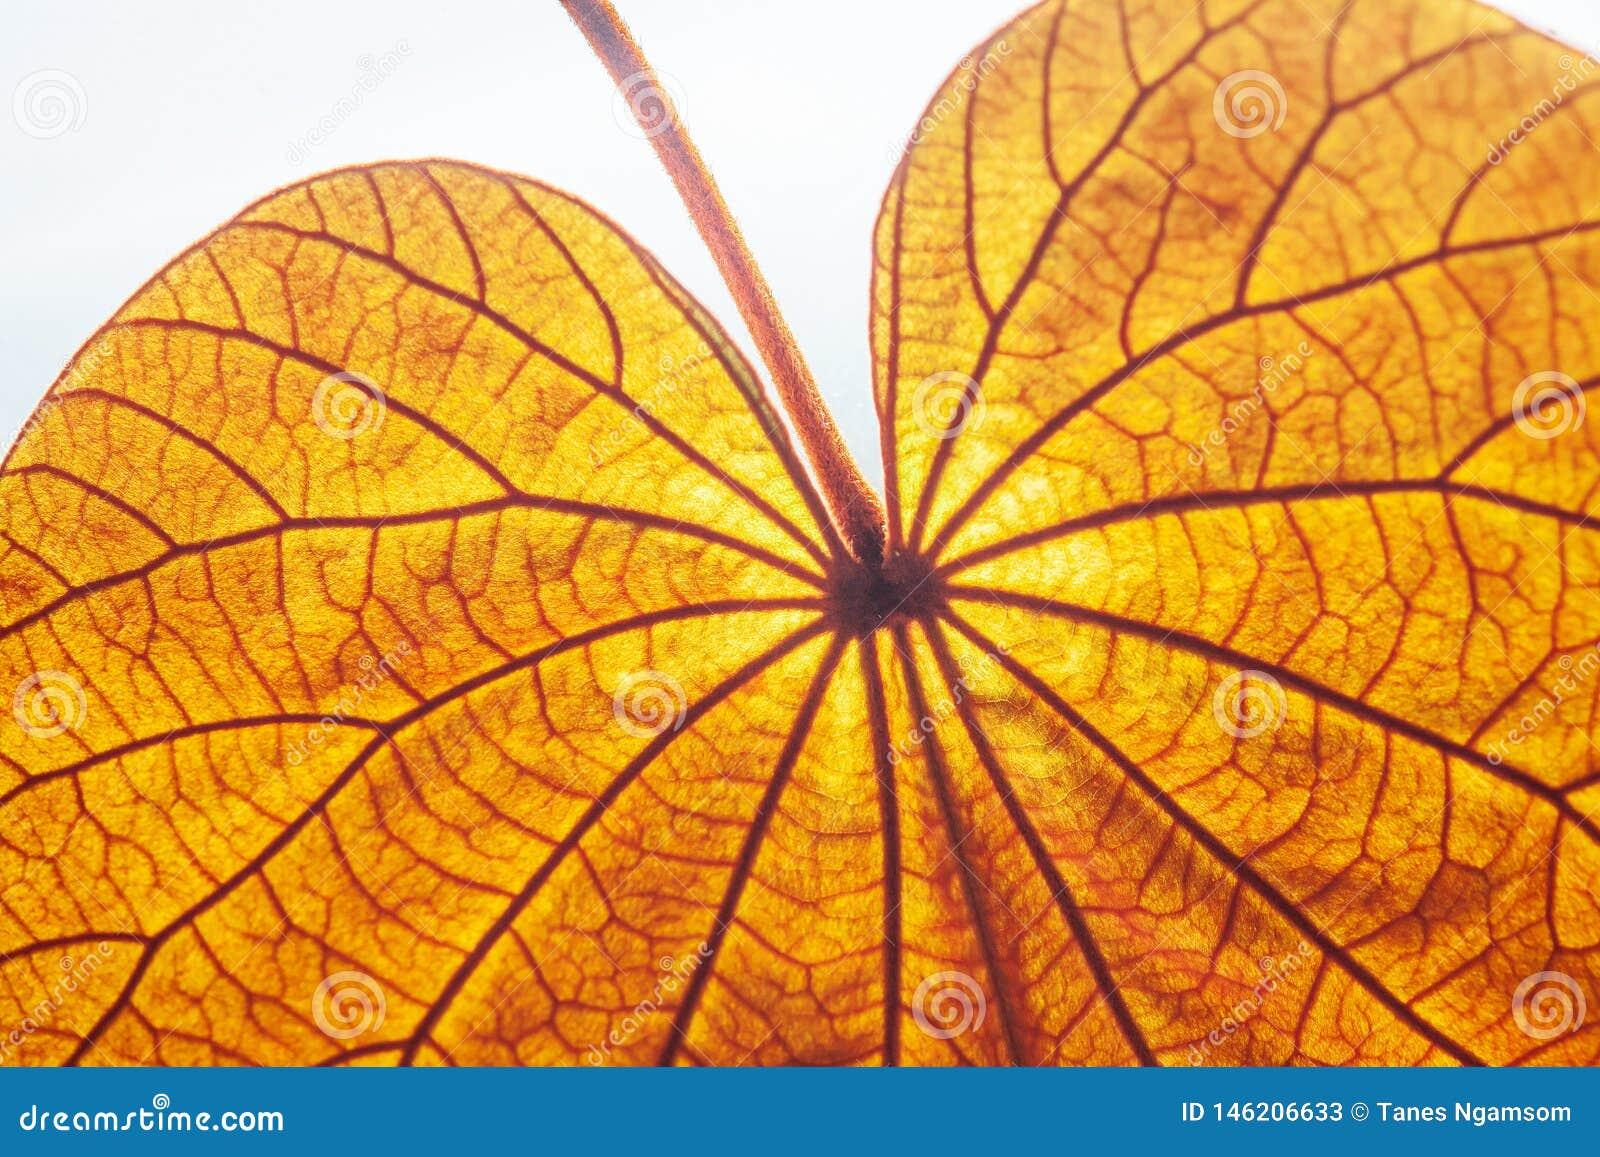 Feuille d or transparente abstraite avec la belle texture sur le fond blanc La feuille d or ou le Yan Da O est une vigne rare, in